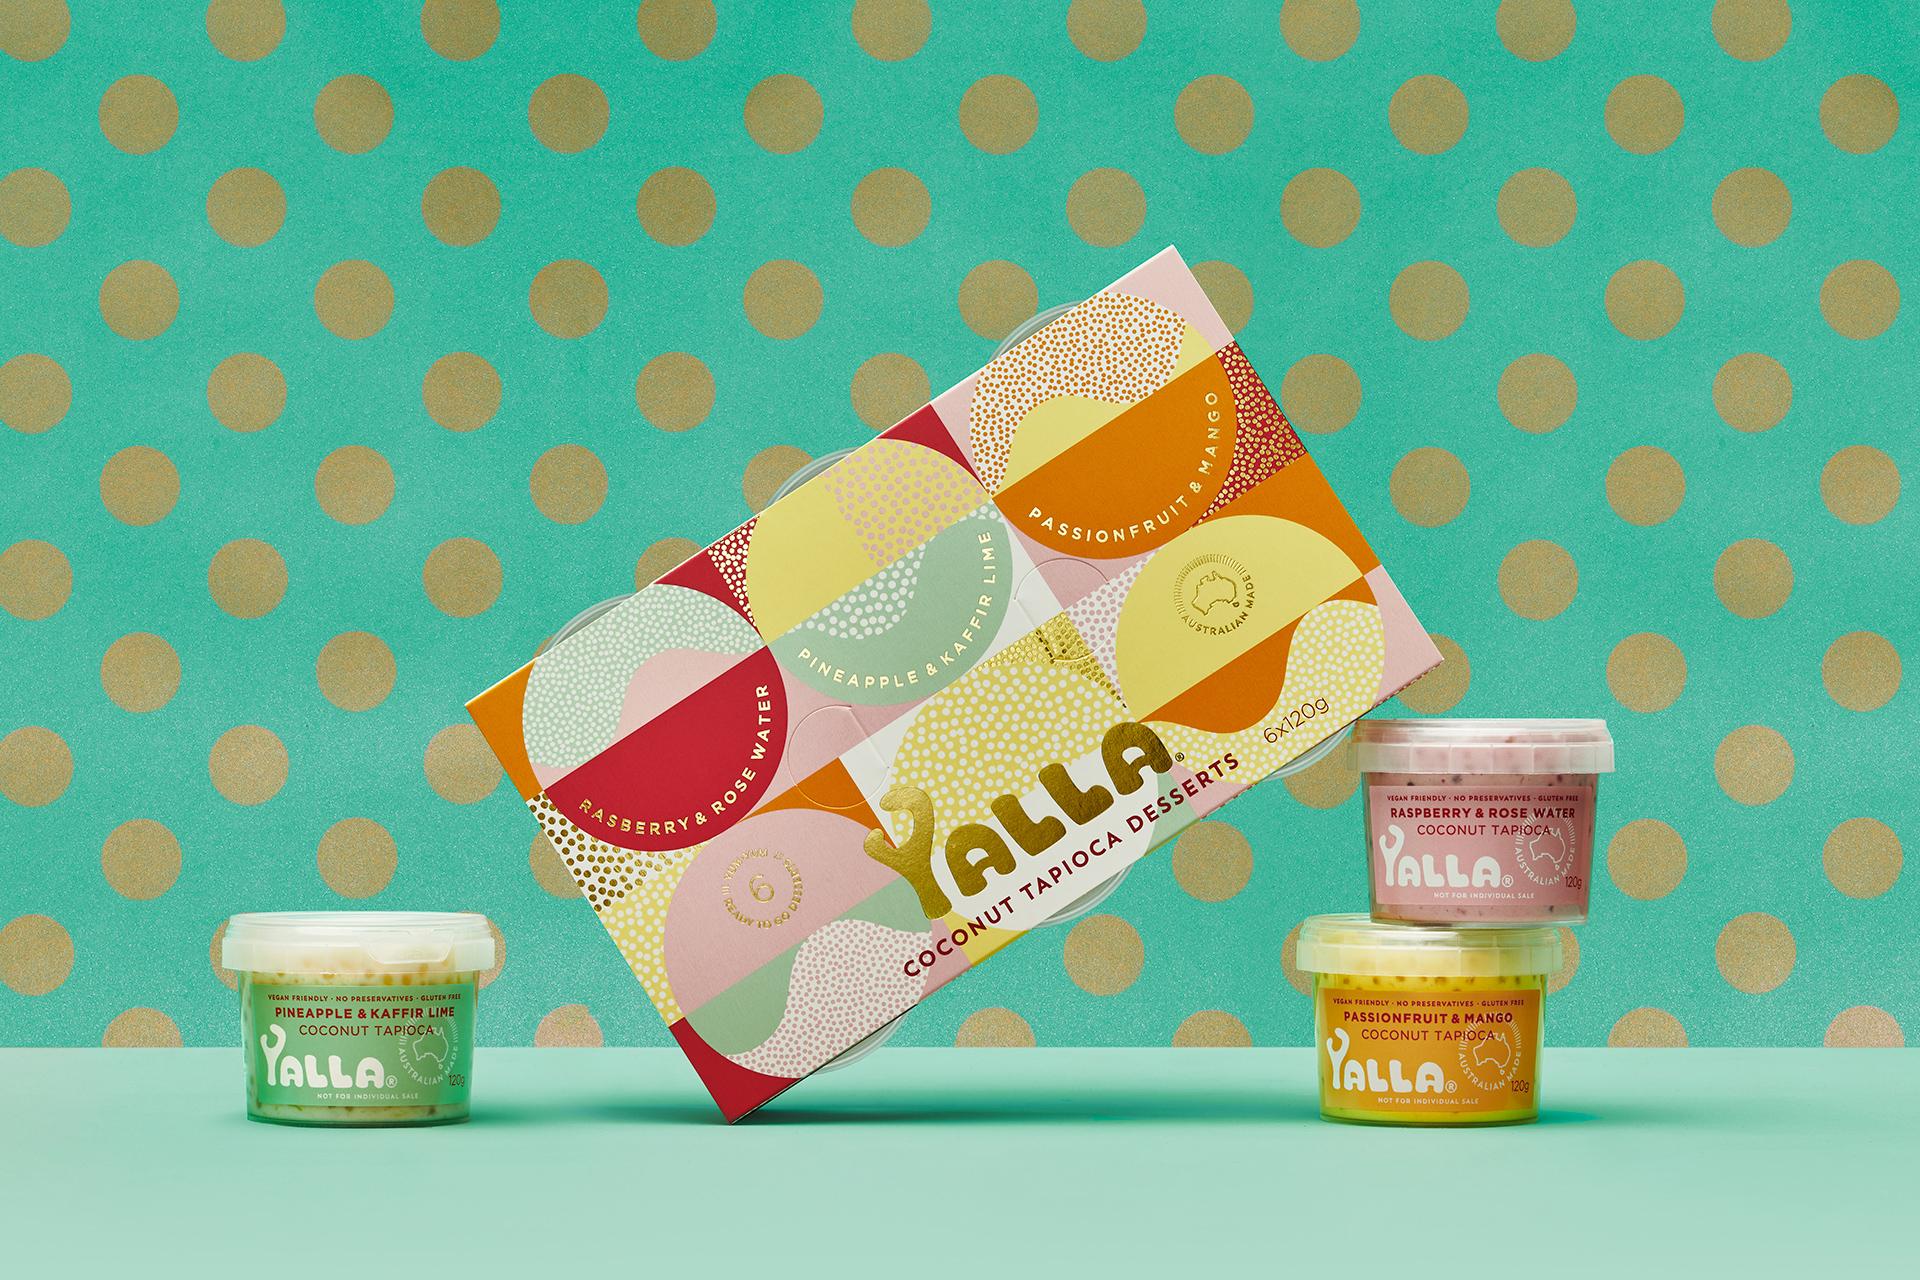 Yalla Premium Coconut Tapioca Desserts Branding Designed by Harcus Design